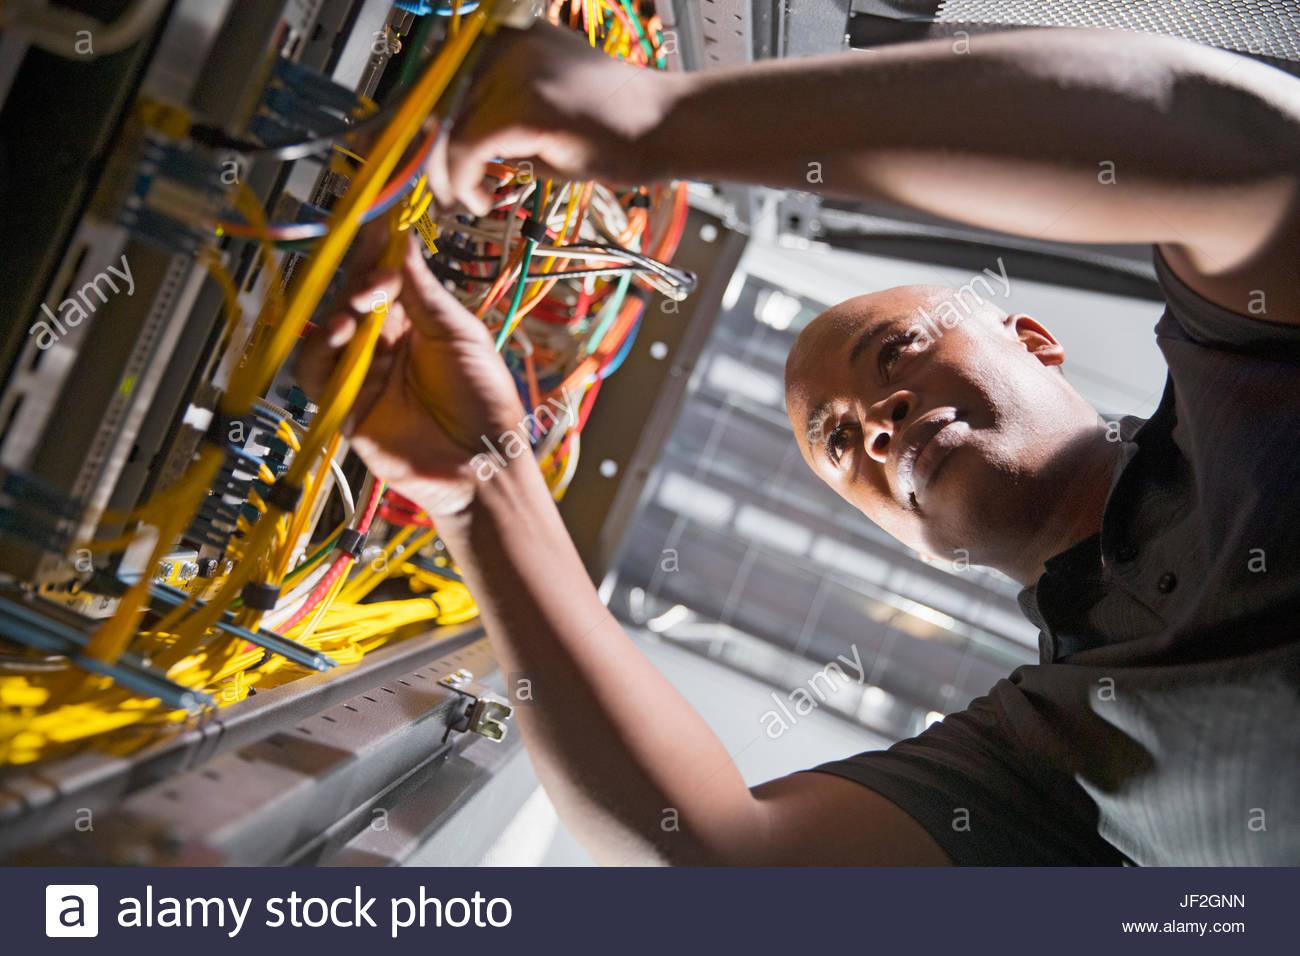 Server Racks In Data Center Stockfotos & Server Racks In Data Center ...